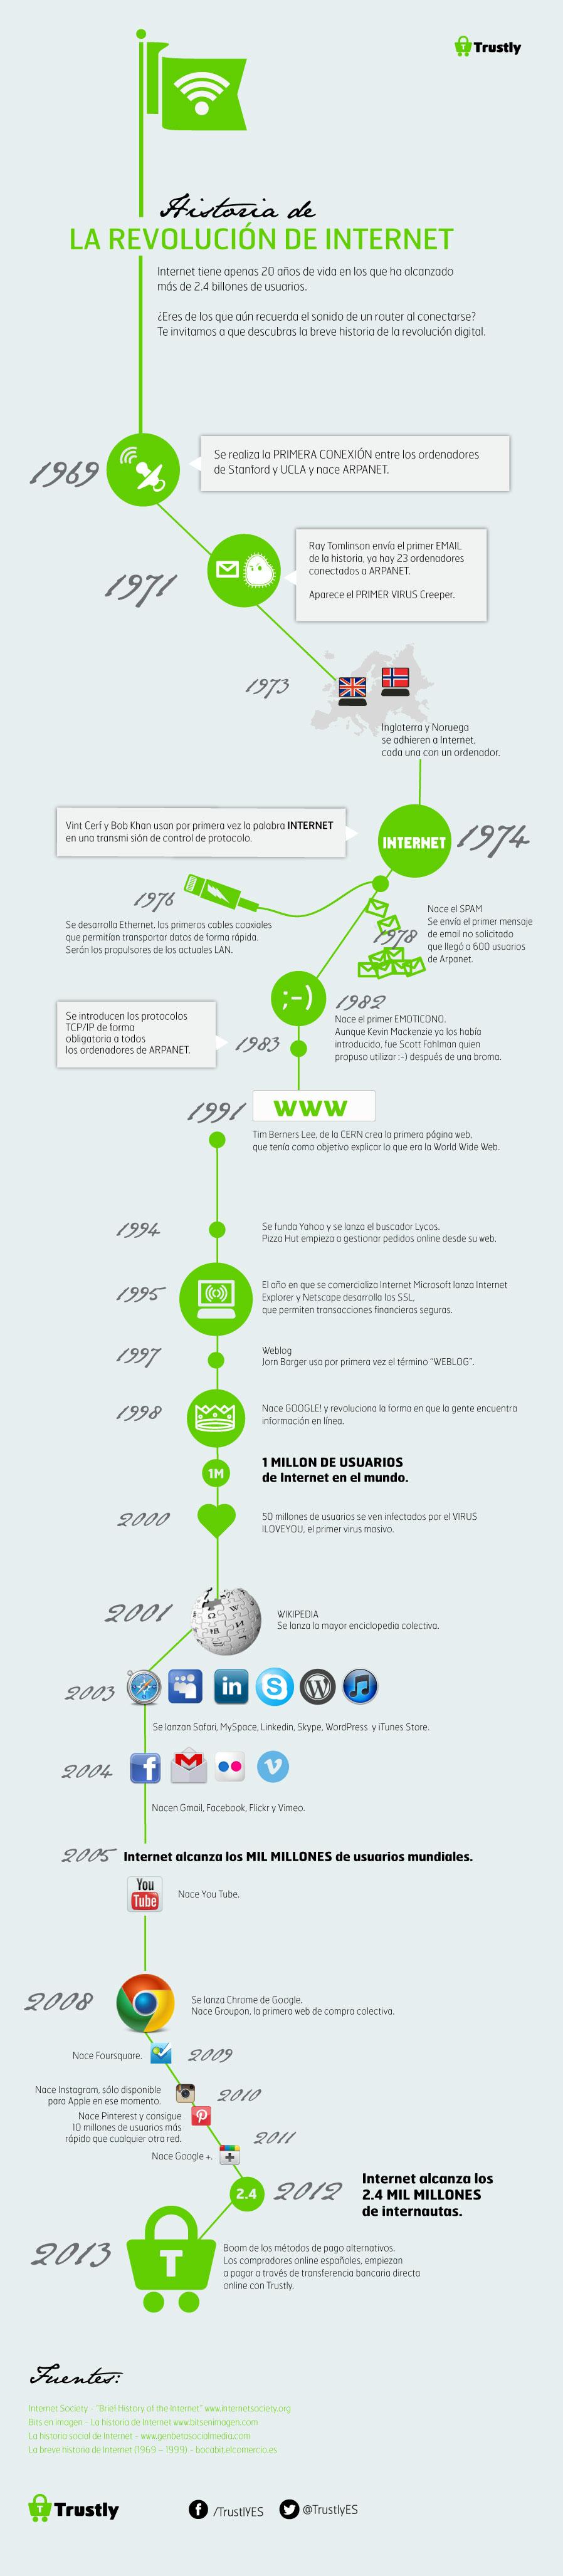 Infografía: A revolución de Internet (1969-2013).